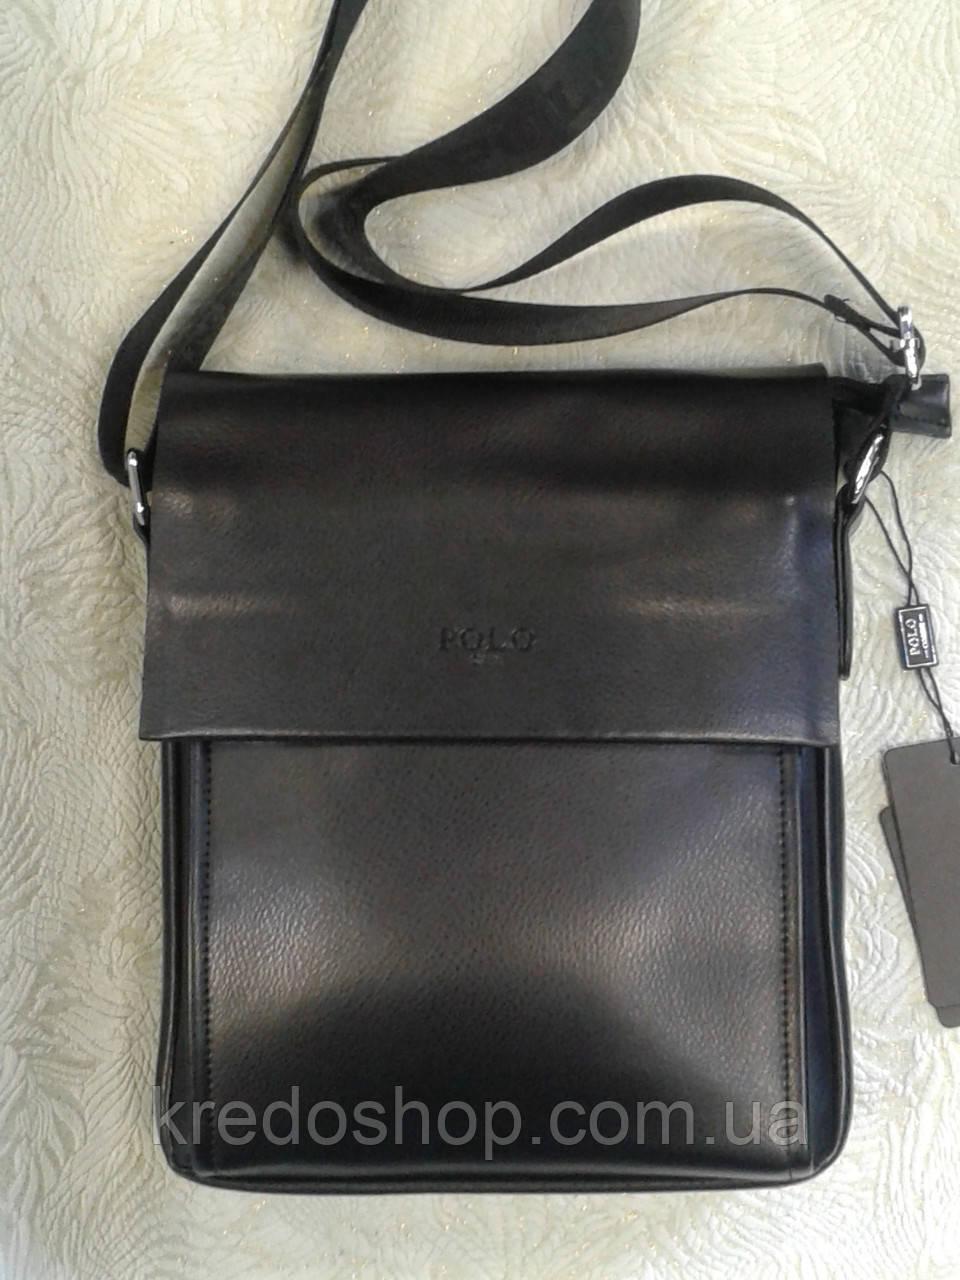 f14de292ad7d Мужская сумка POLO черная стильная через плечо: продажа, цена в ...